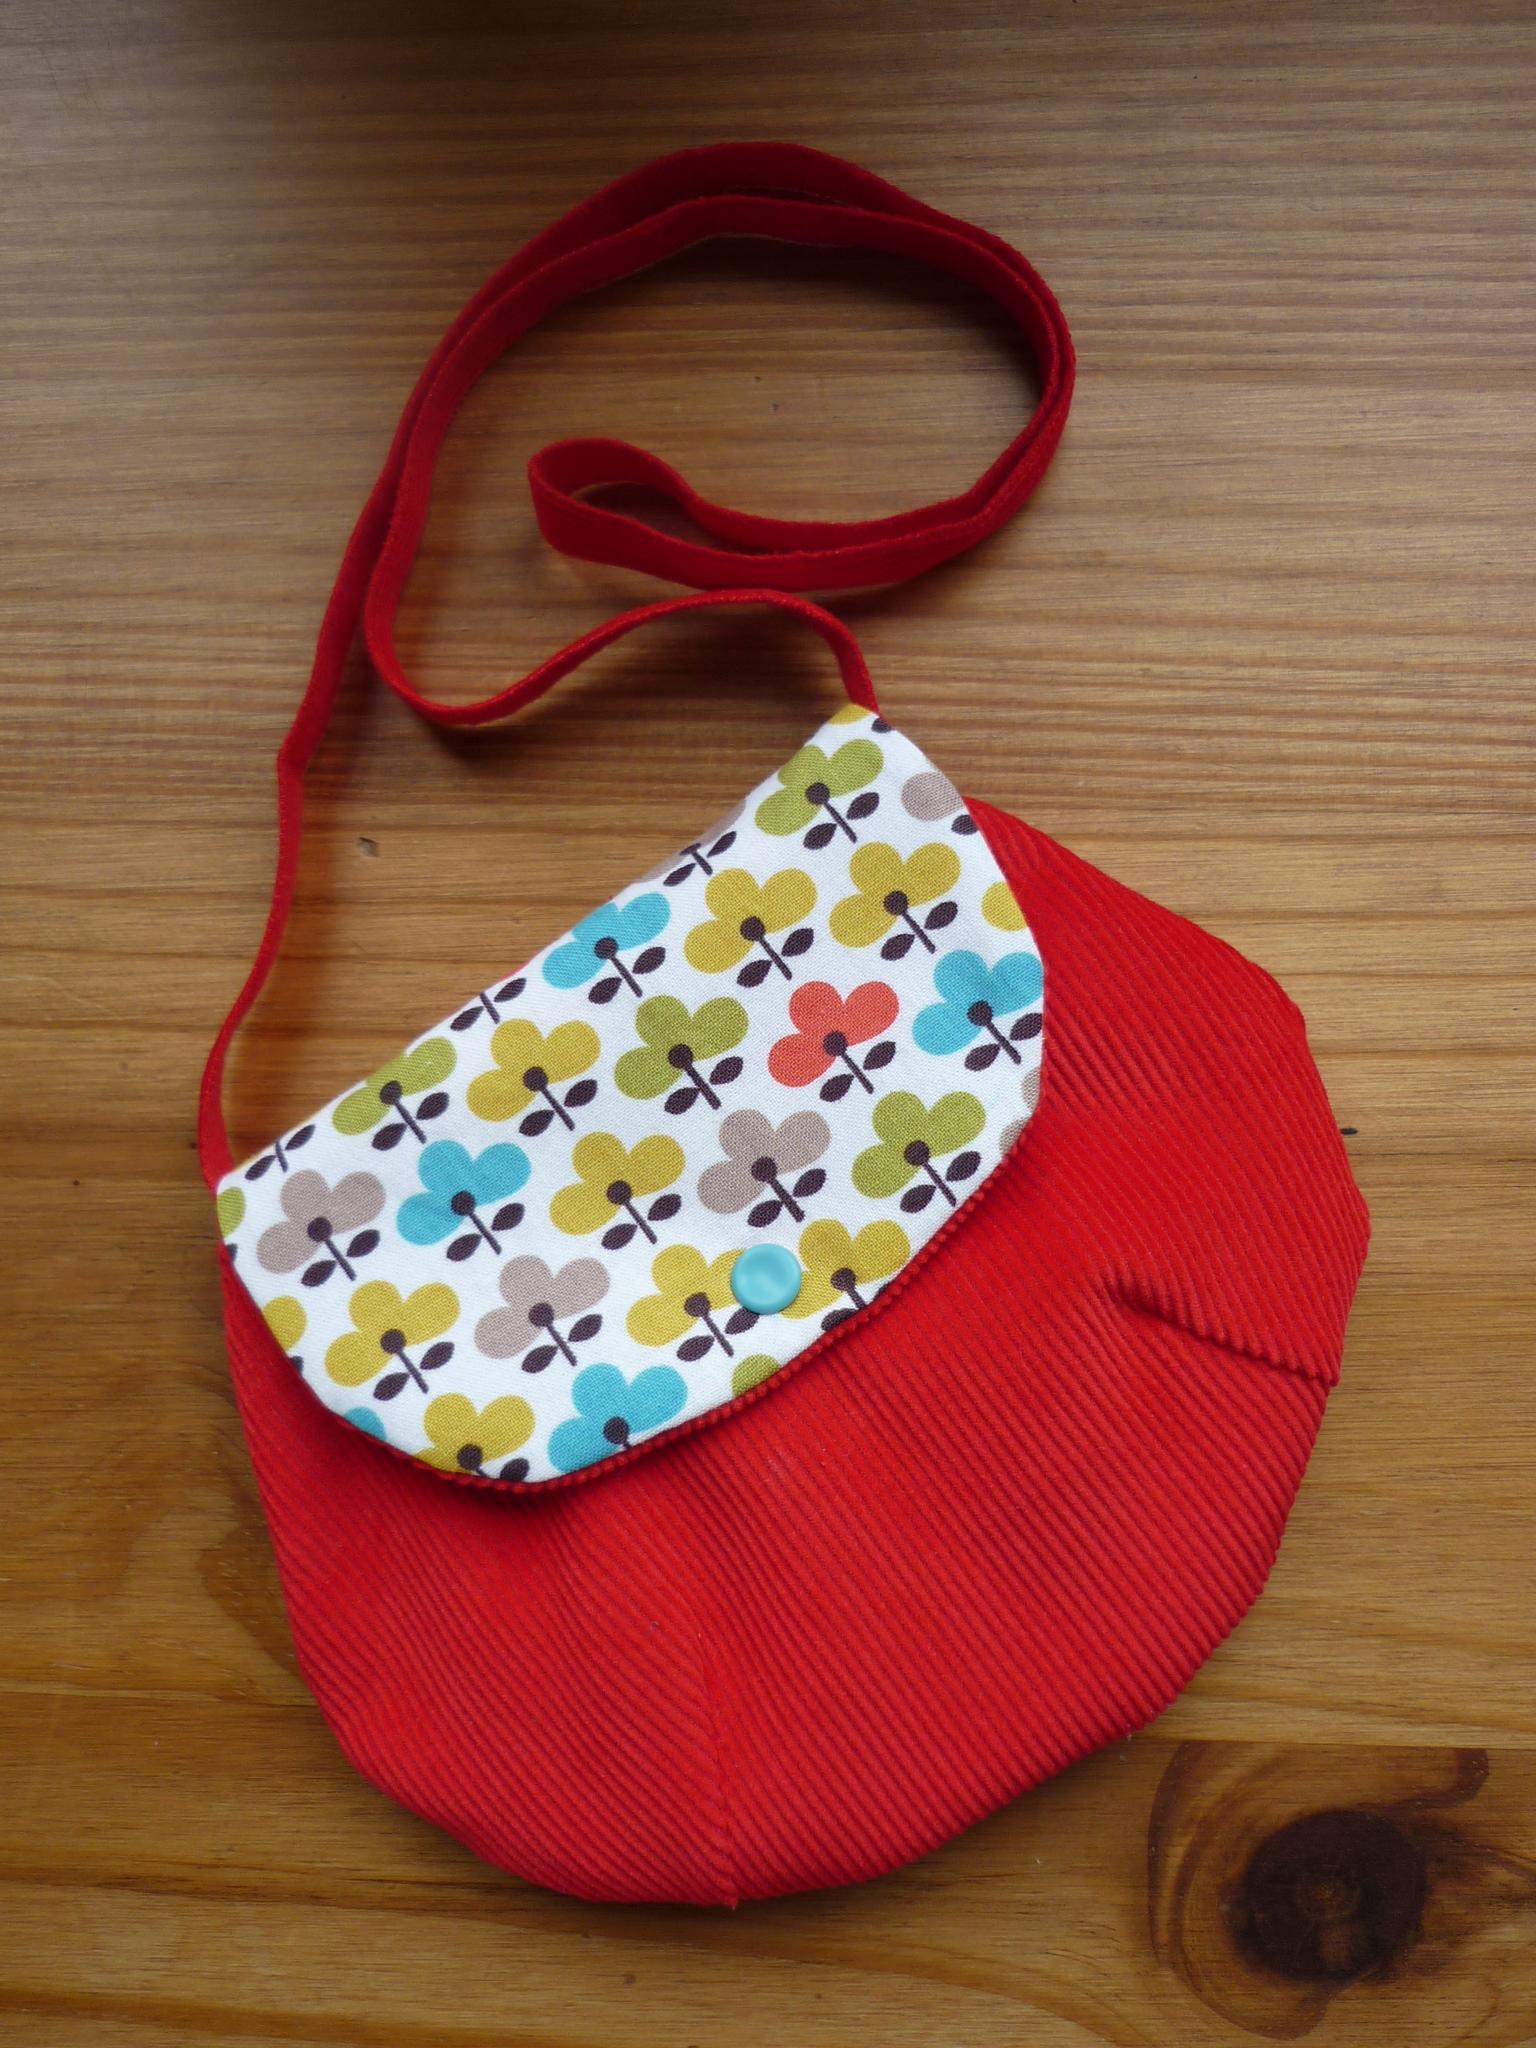 Quel sac de collège acheté pour mon garçon ou ma fille?Voila une question pas simple à répondre. Après la primaire, nos enfants deviennent de plus en plus exigeants.